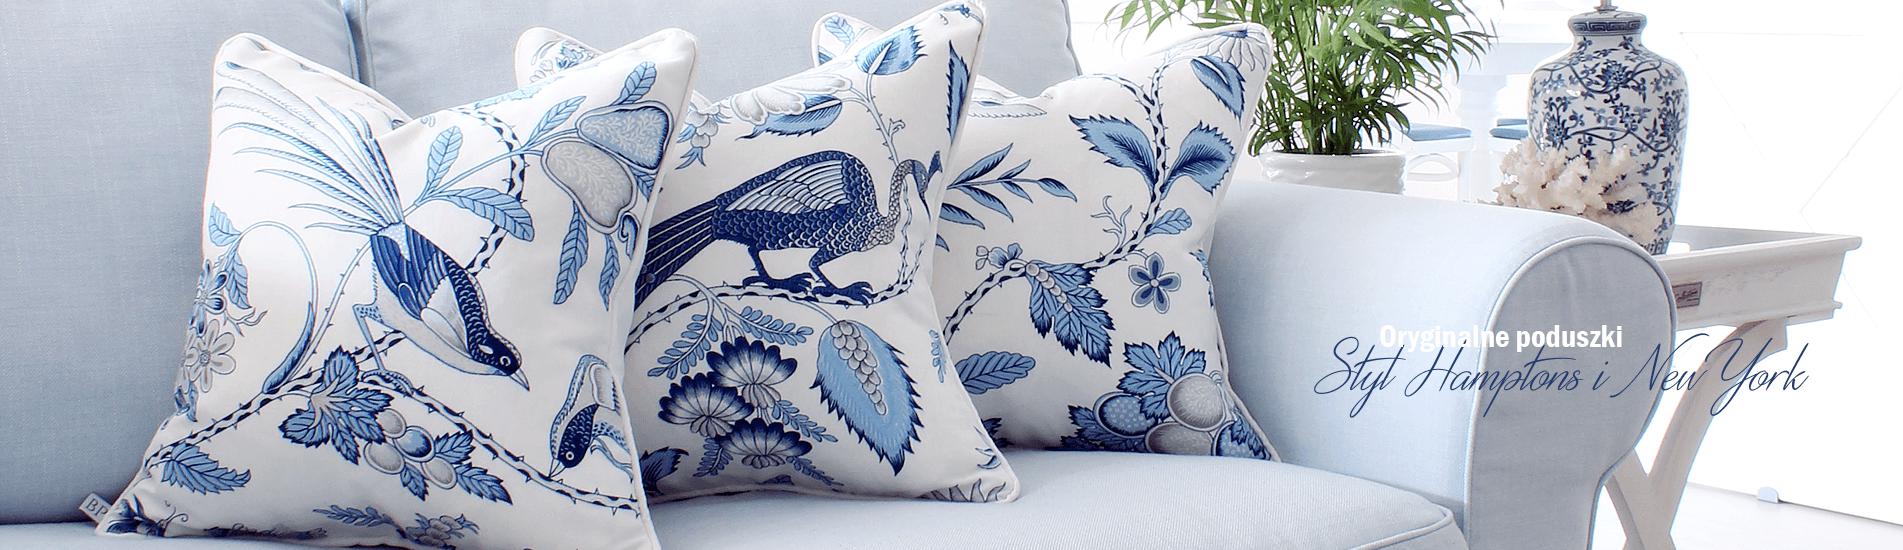 Poduszki dekoracyjne - styl Hamptons, amerykański, nowojorski, Hampton